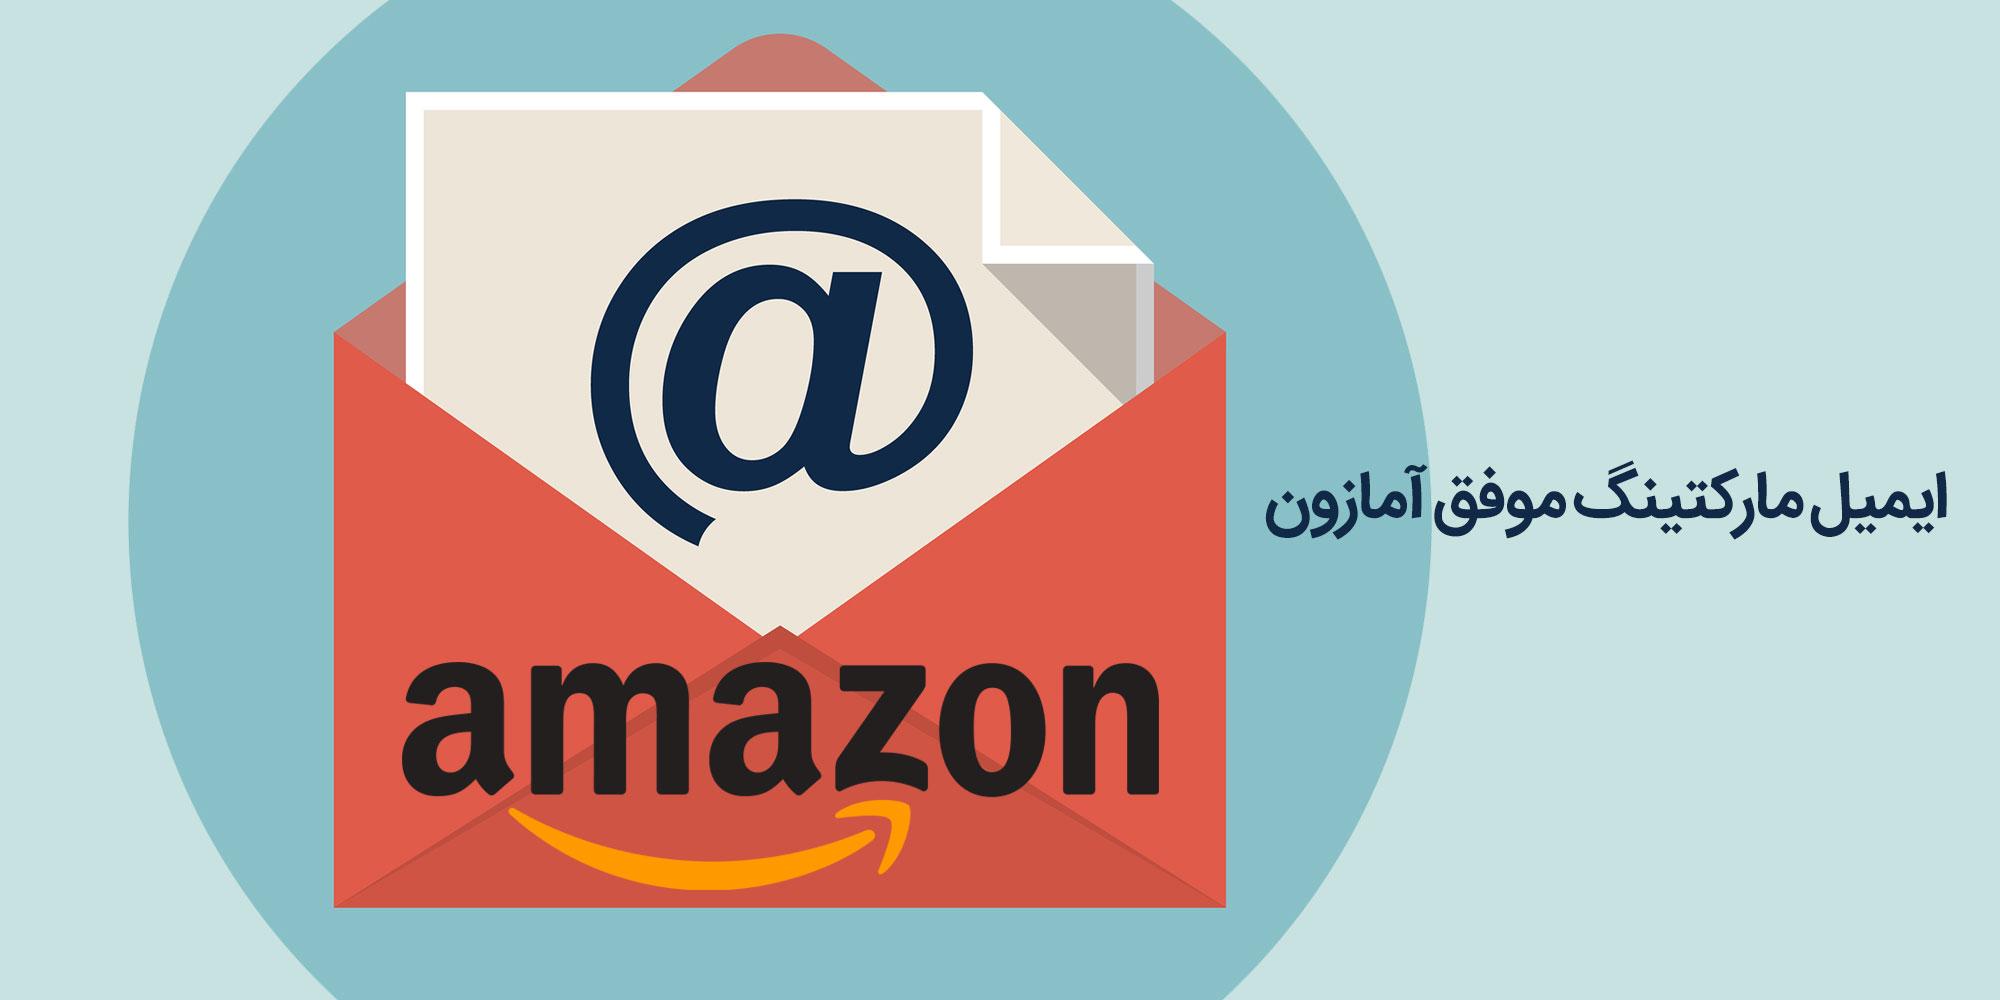 بازاریابی ایمیلی شرکت آمازون